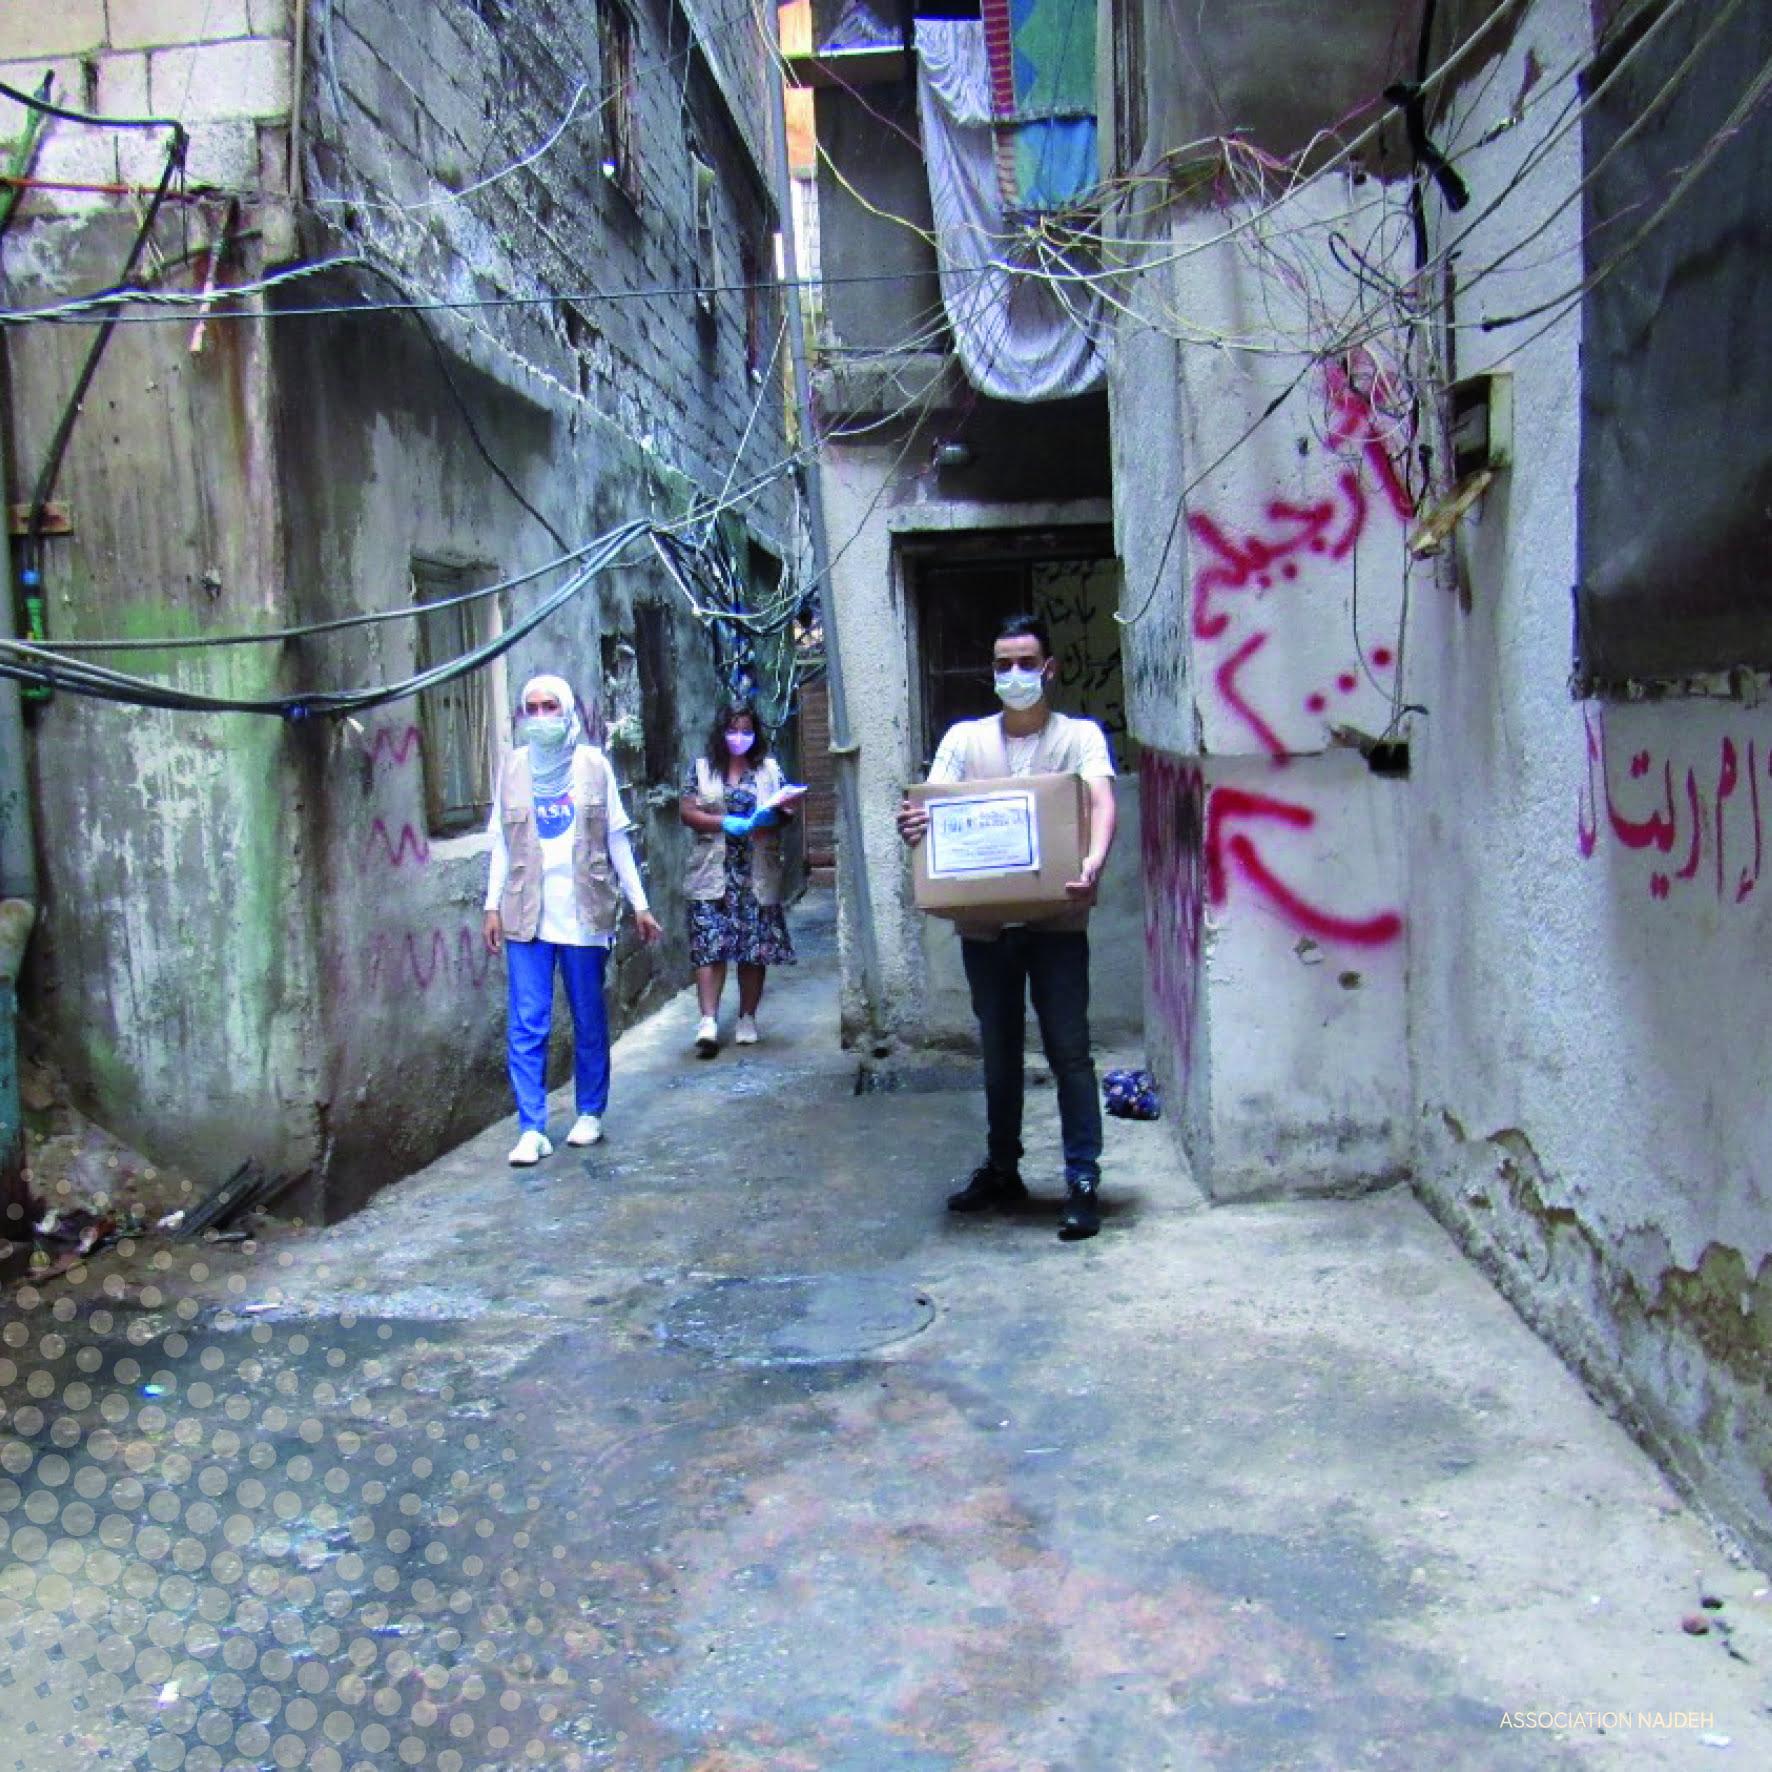 للمساهمة قدر المستطاع في تأمين الحاجات الأساسية للاجئين الفلسطينيين في لبنان